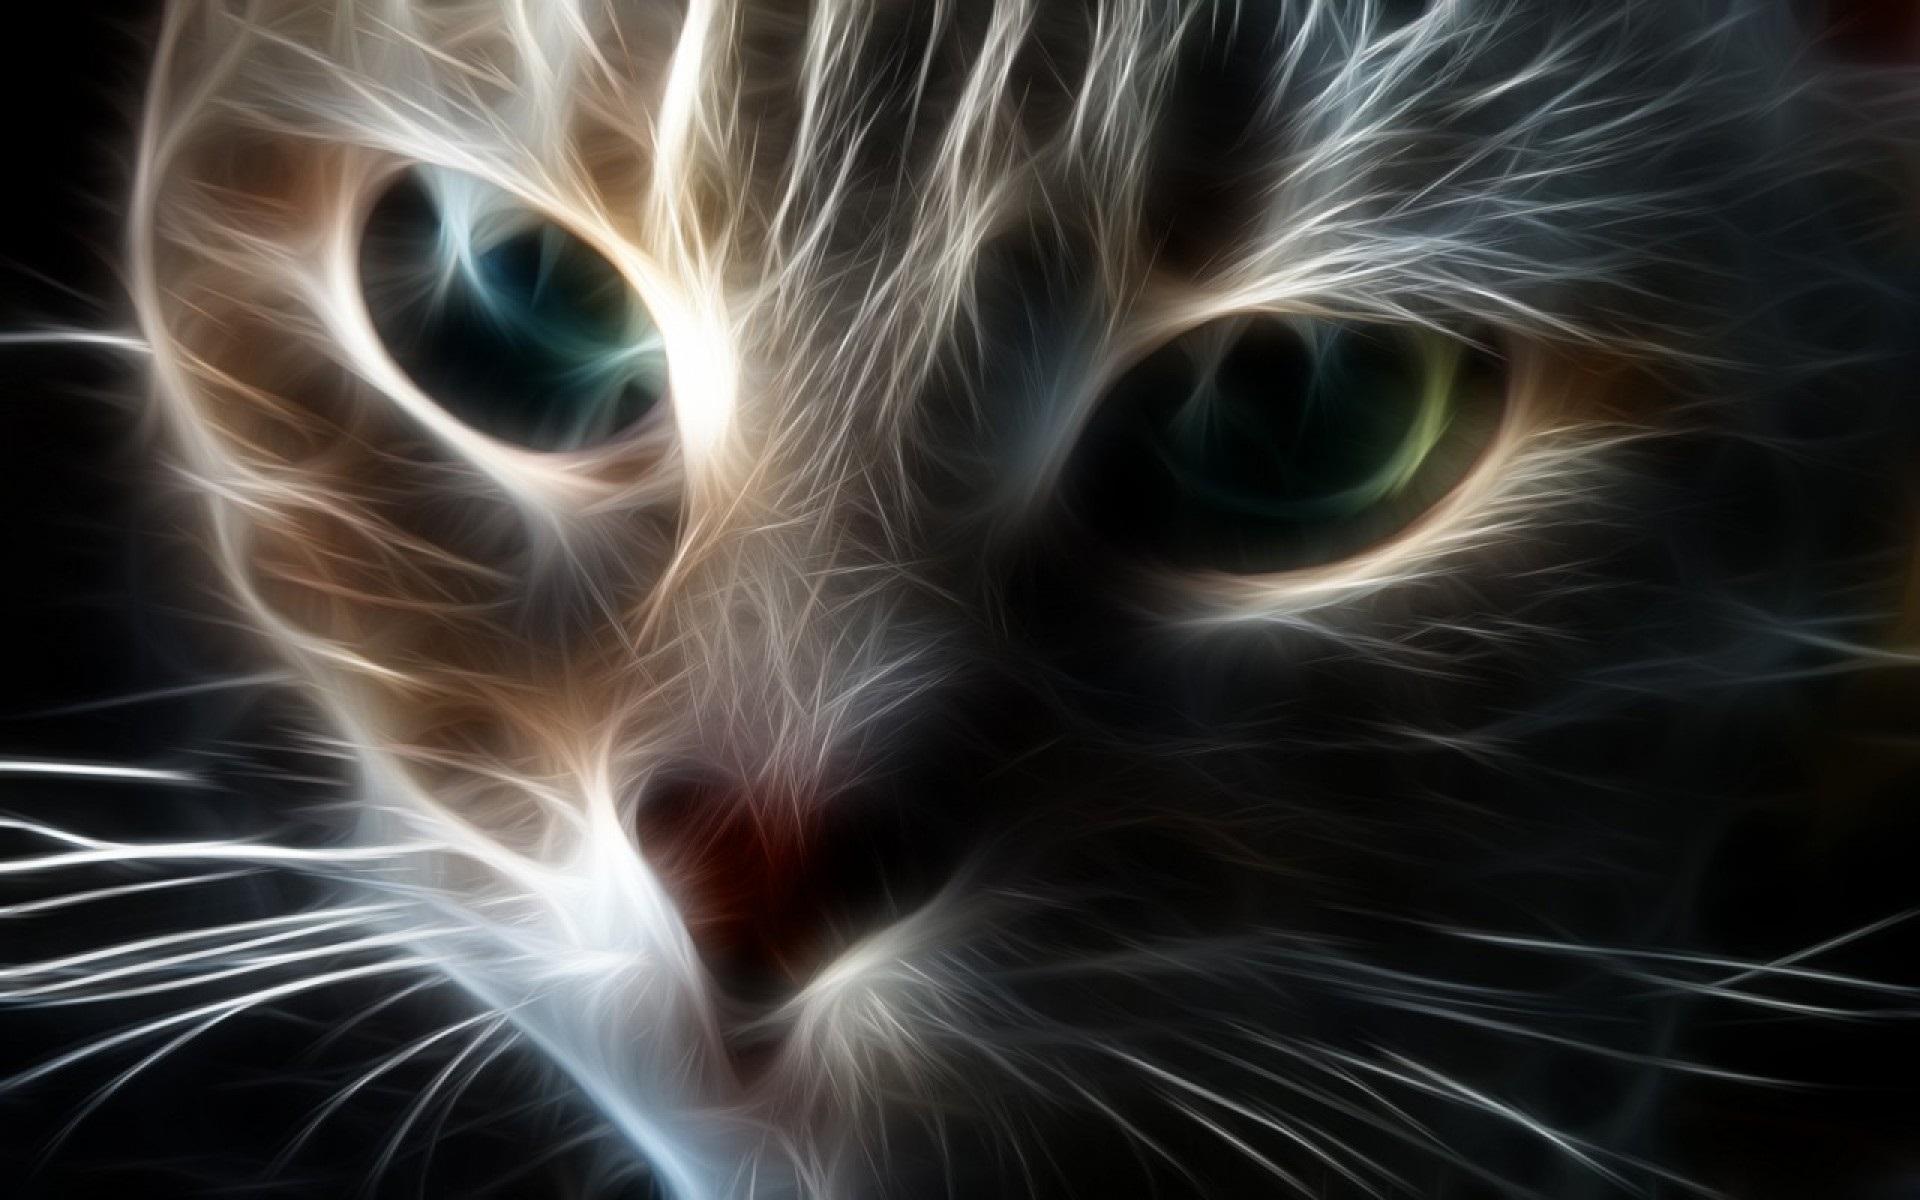 Yang Cat Hd Desktop Wallpaper Widescreen High Definition